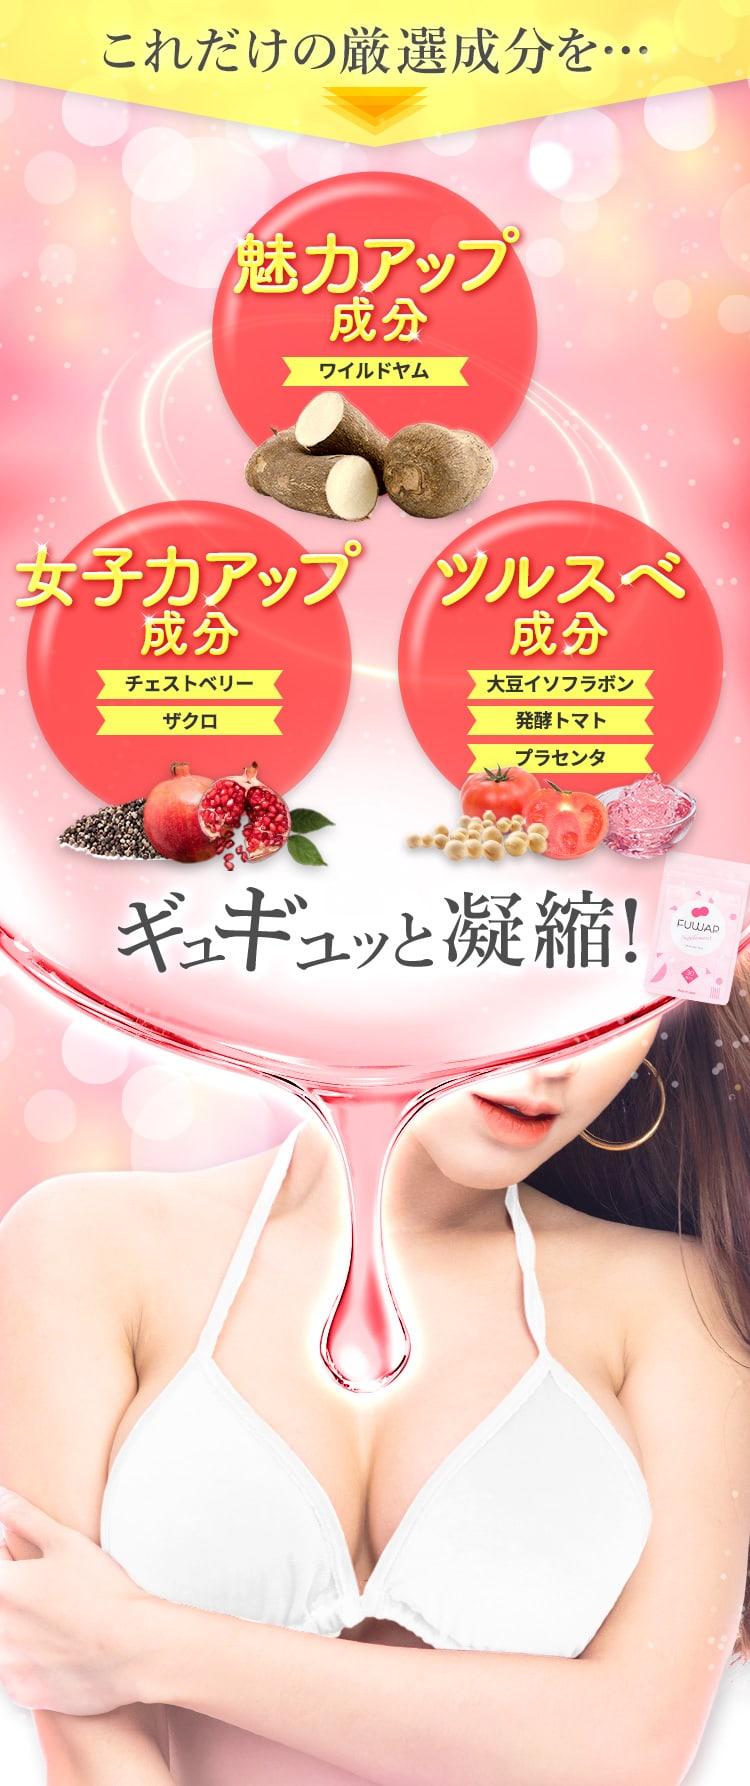 これだけの厳選「魅力アップ:ワイルドヤム・女子力アップ:チェストベリーとザクロ、ツルスベ成分:イソフラボン・発酵トマト・プラセンタ」成分をギュギュッと凝縮!